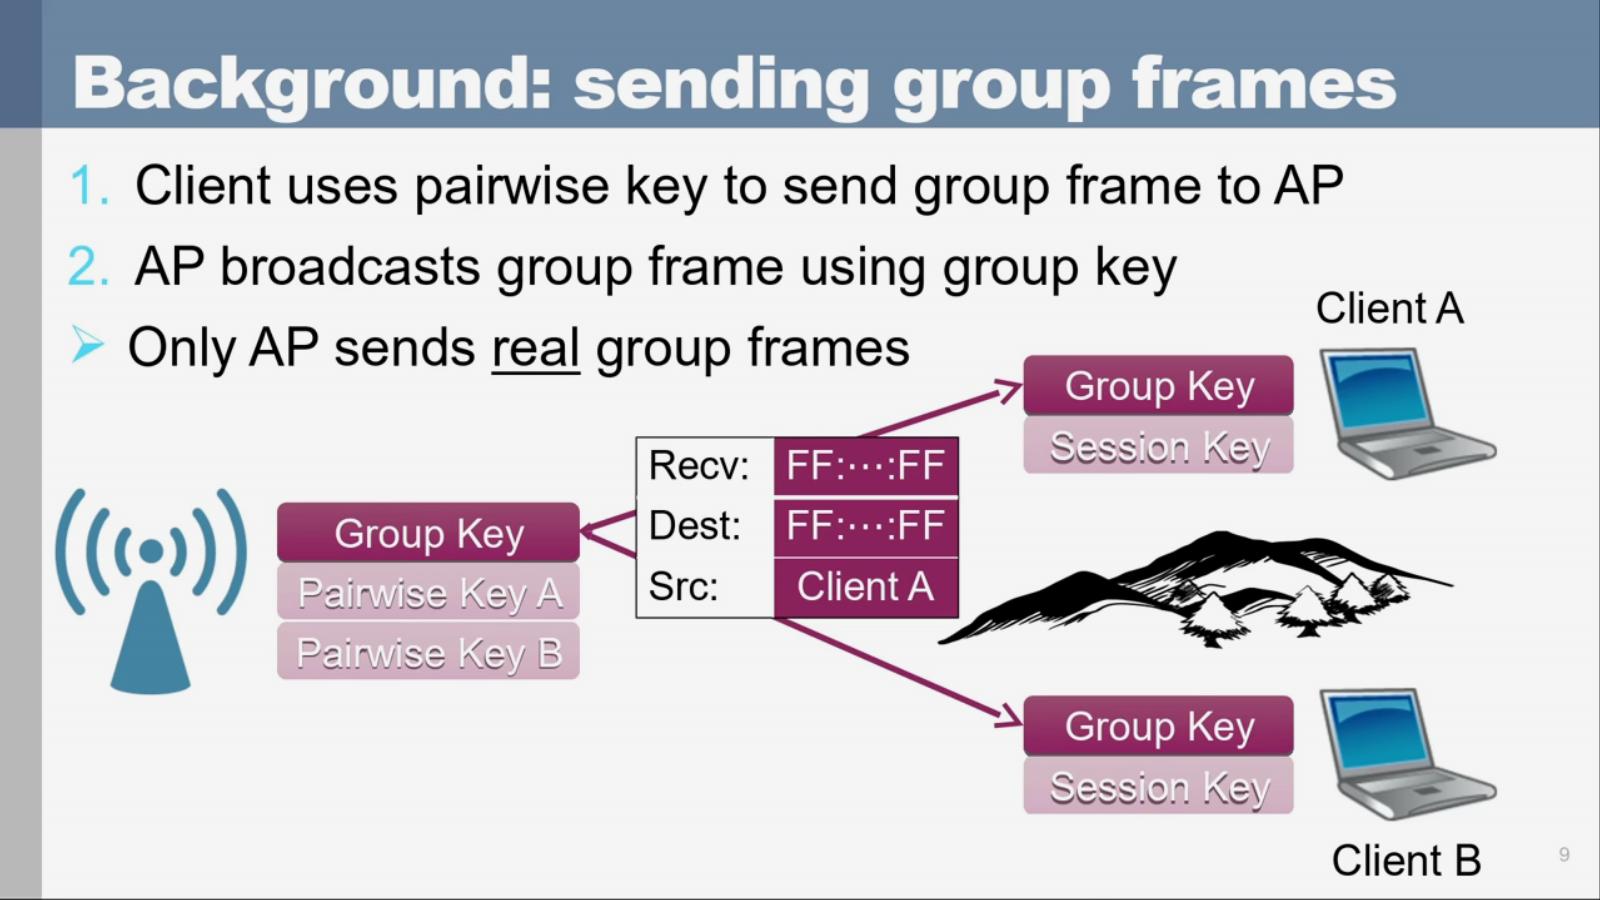 Sending Group Frames